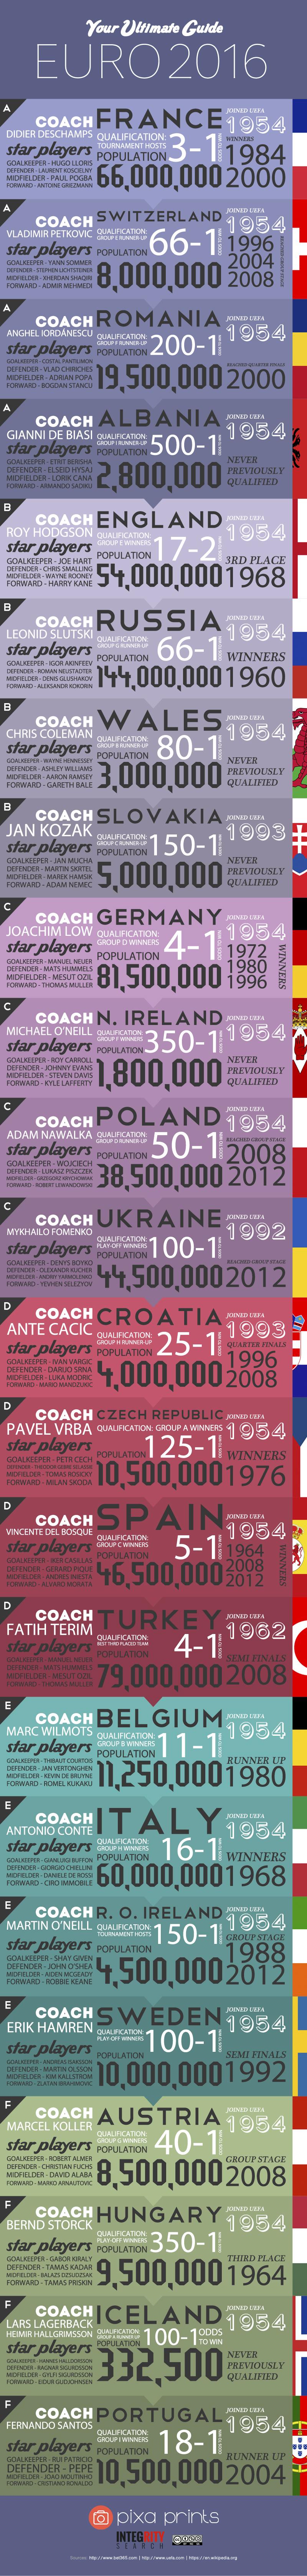 Euro 2016 Infographic